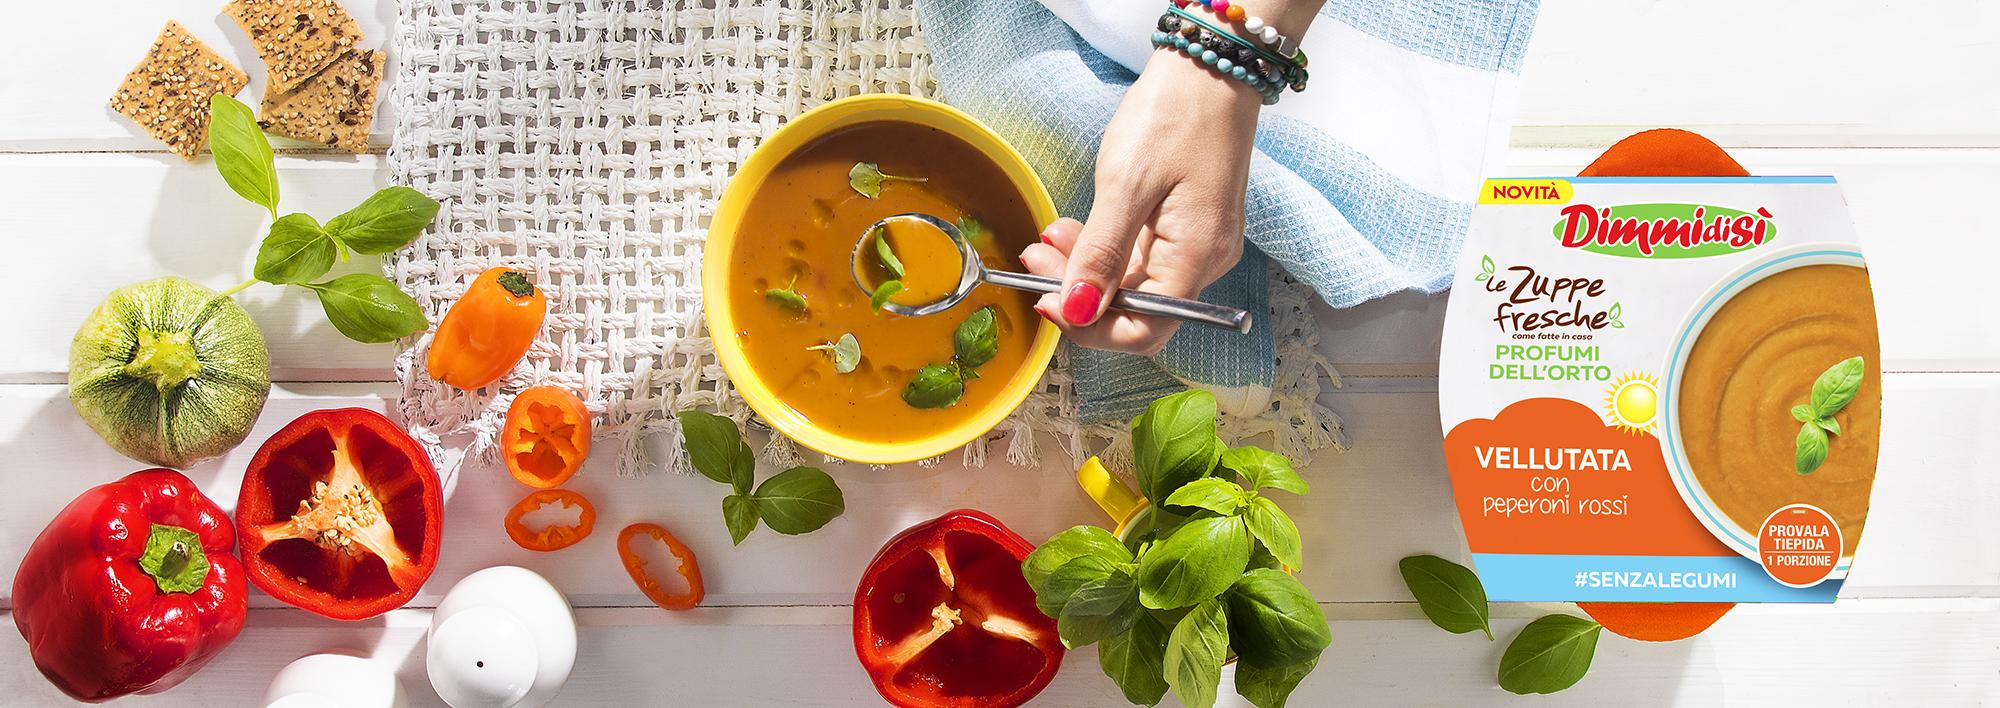 Le Zuppe Fresche Profumi dell'Orto: le ricette estive DimmidiSì diventano tre!